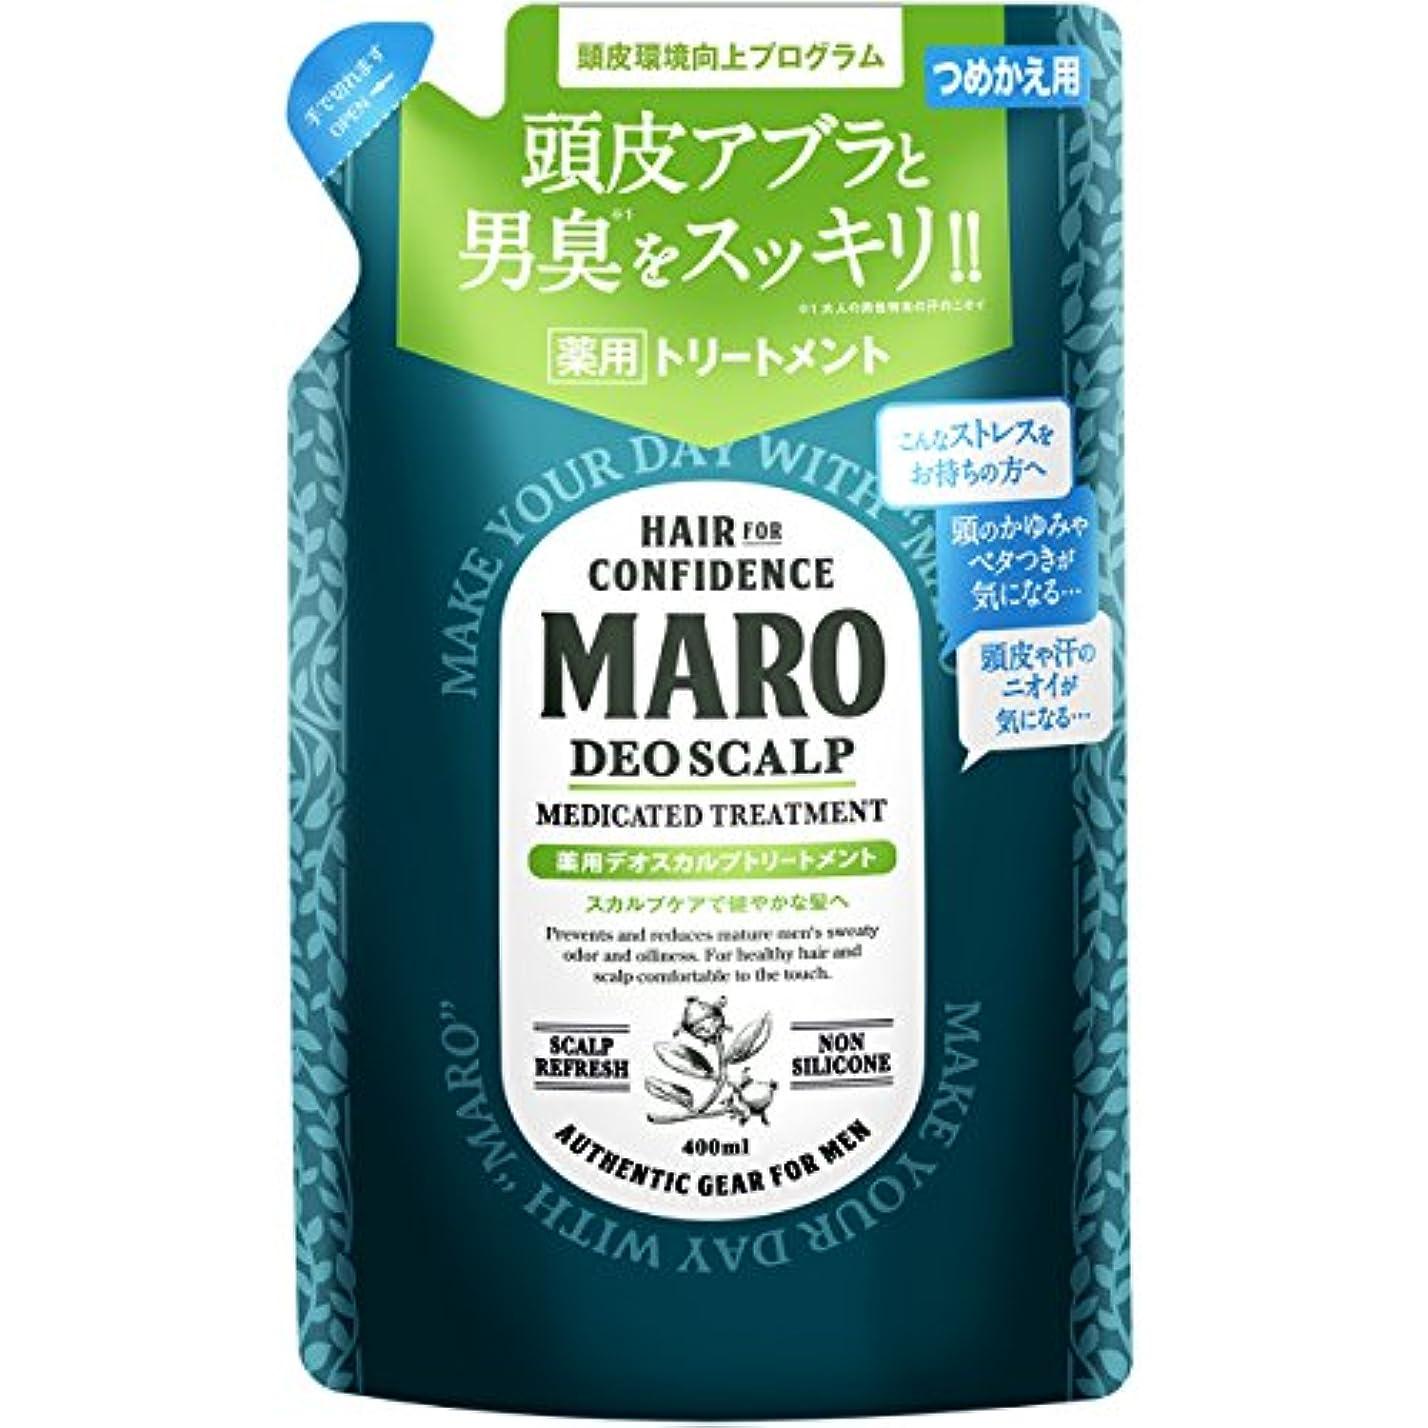 絡み合い結婚小麦粉MARO 薬用 デオスカルプ トリートメント 詰め替え 400ml 【医薬部外品】